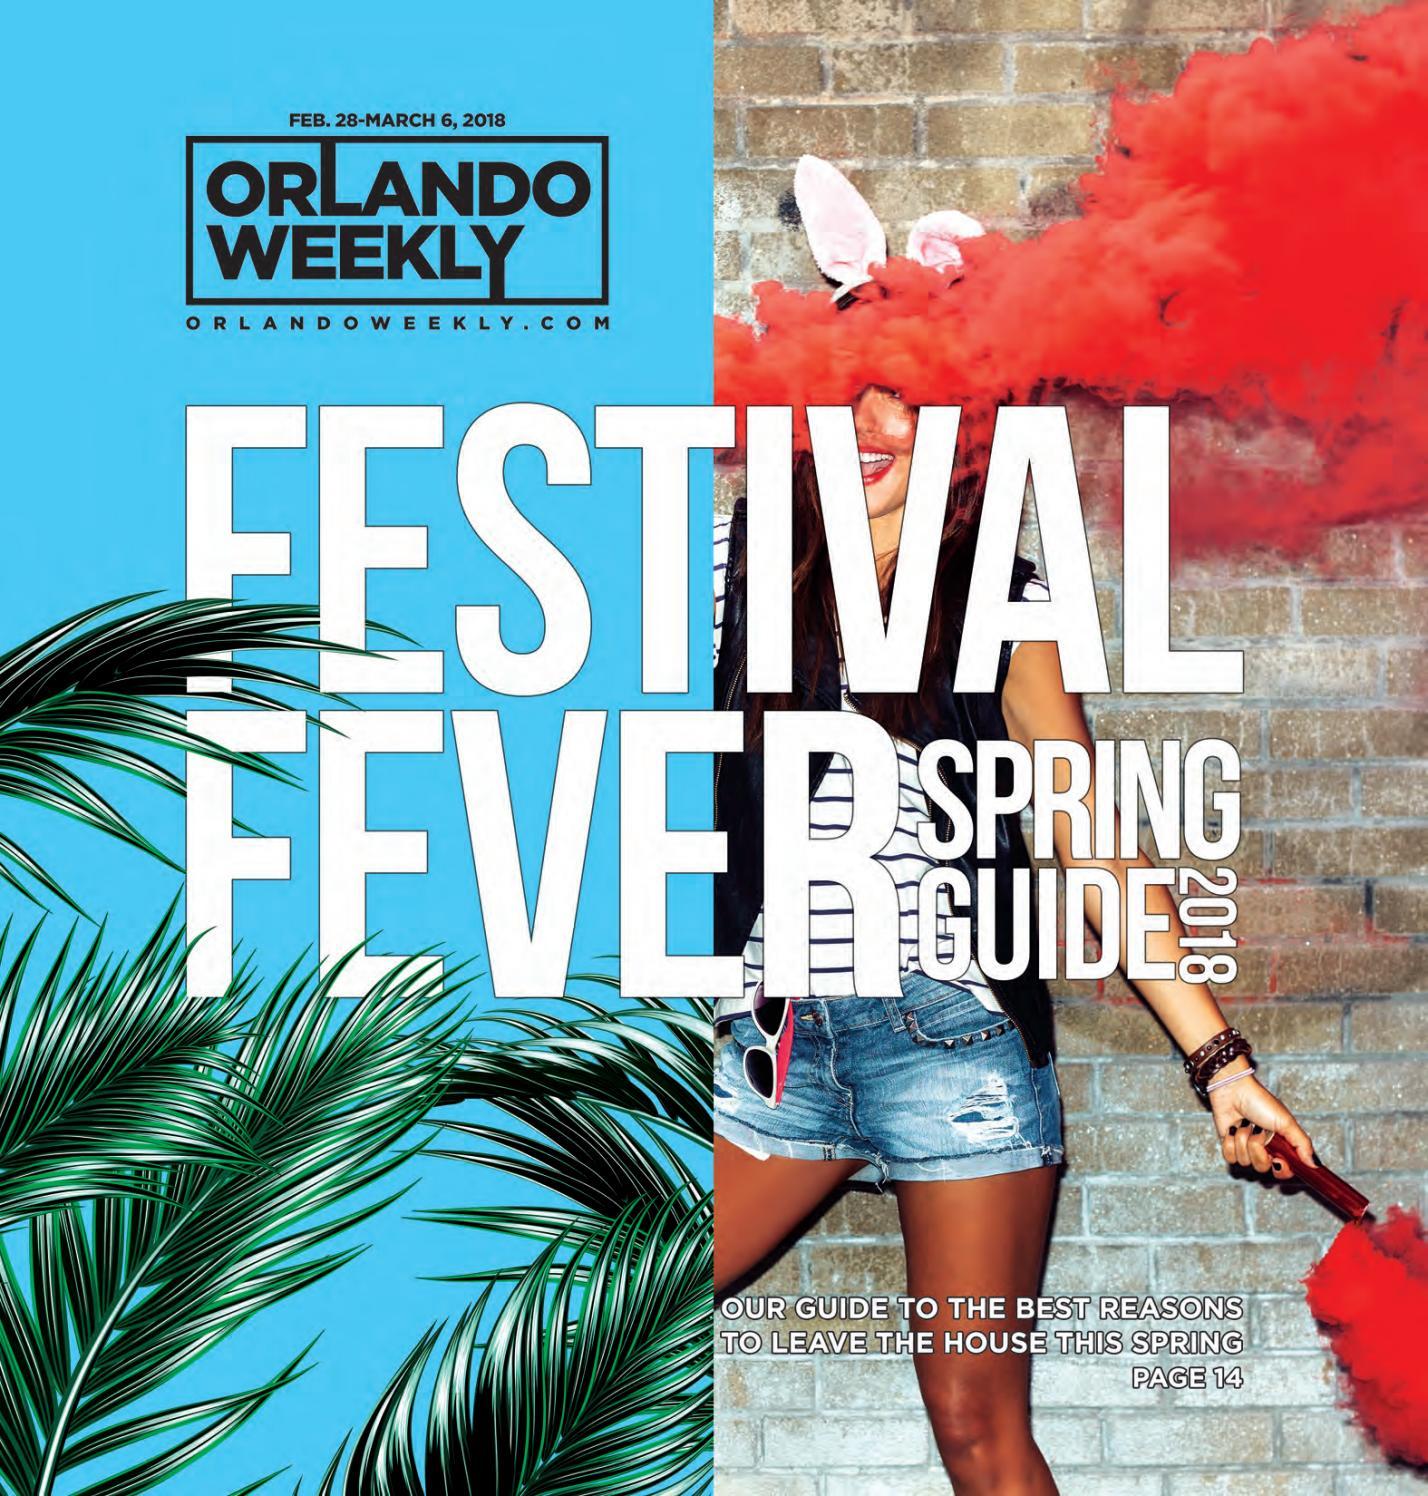 fc9dd27f64 Orlando Weekly February 28, 2018 by Euclid Media Group - issuu